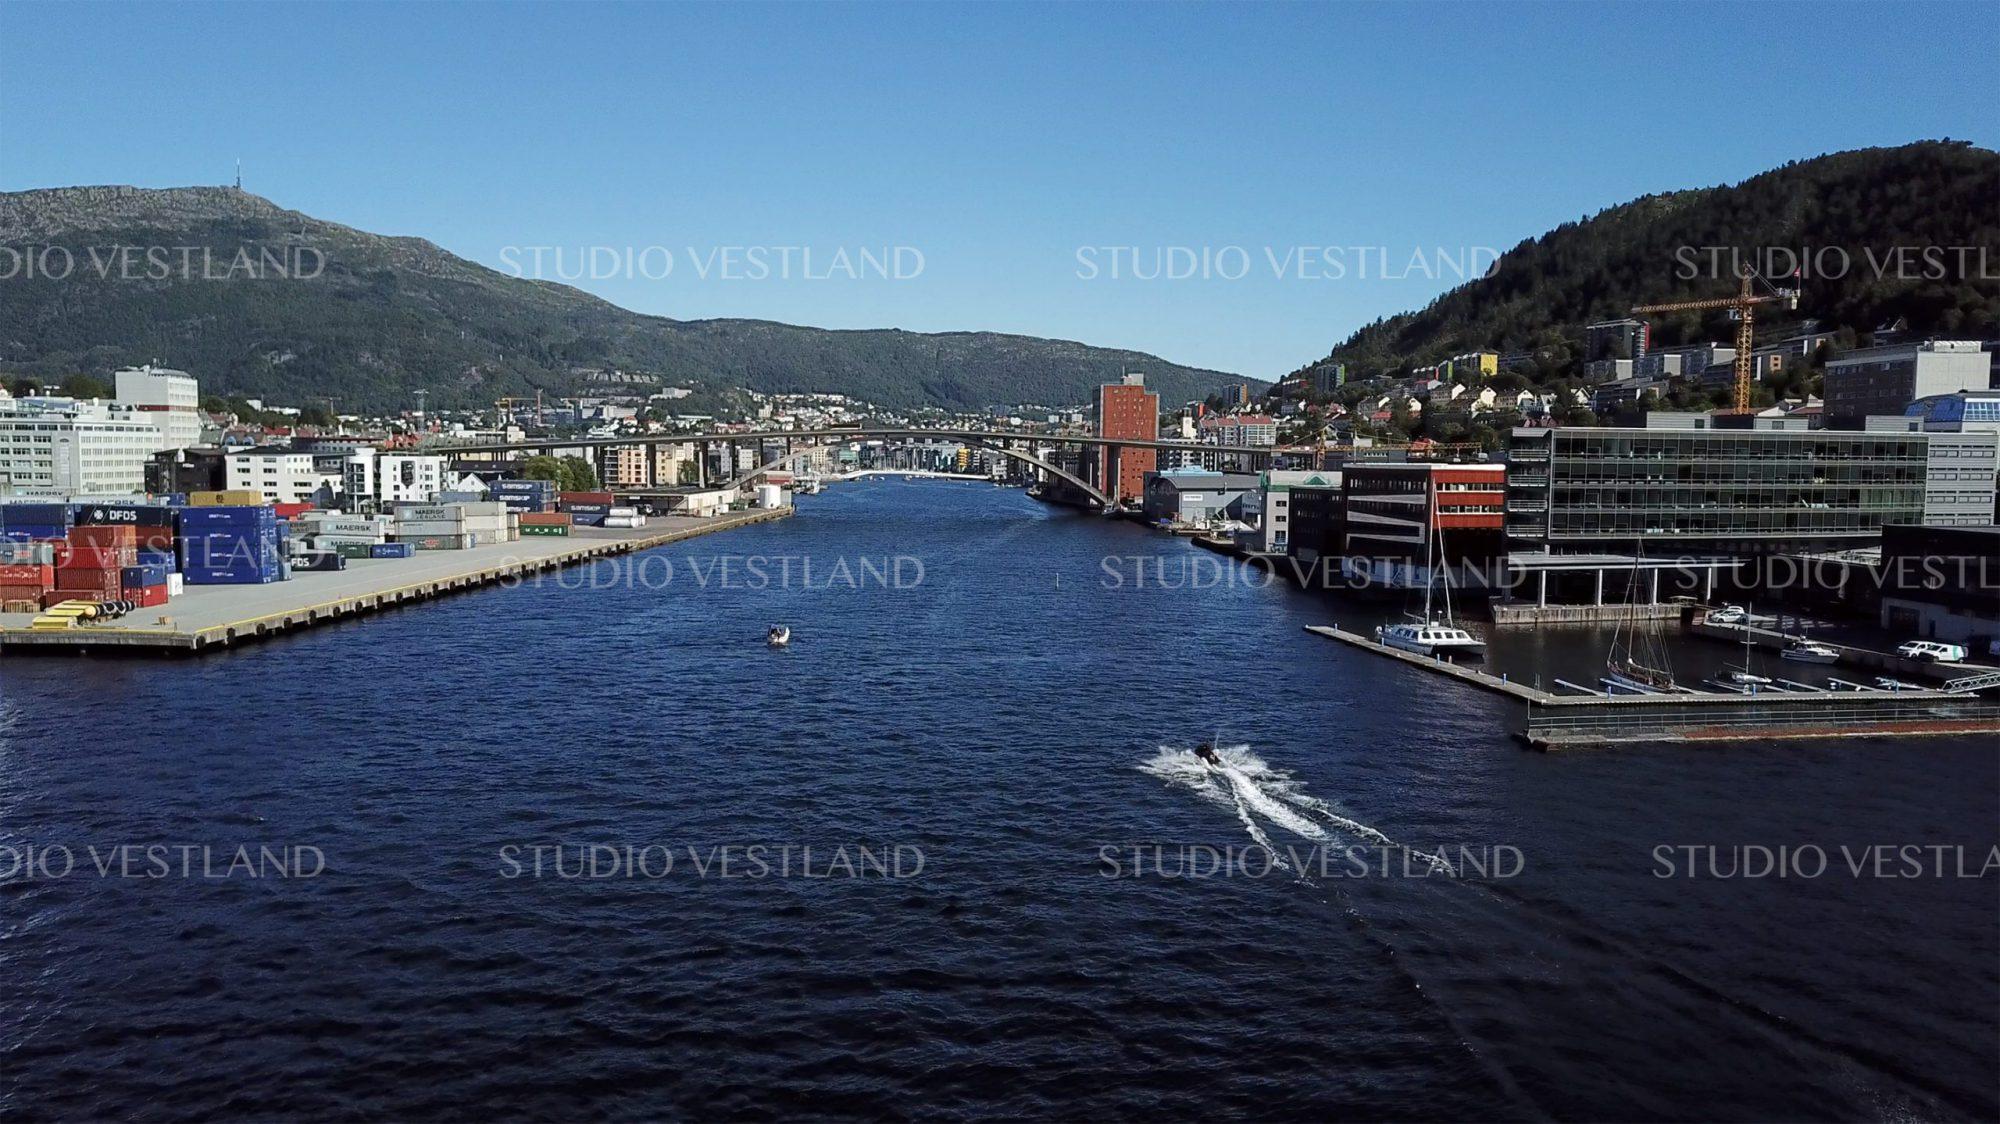 Studio Vestland - Bergen 41